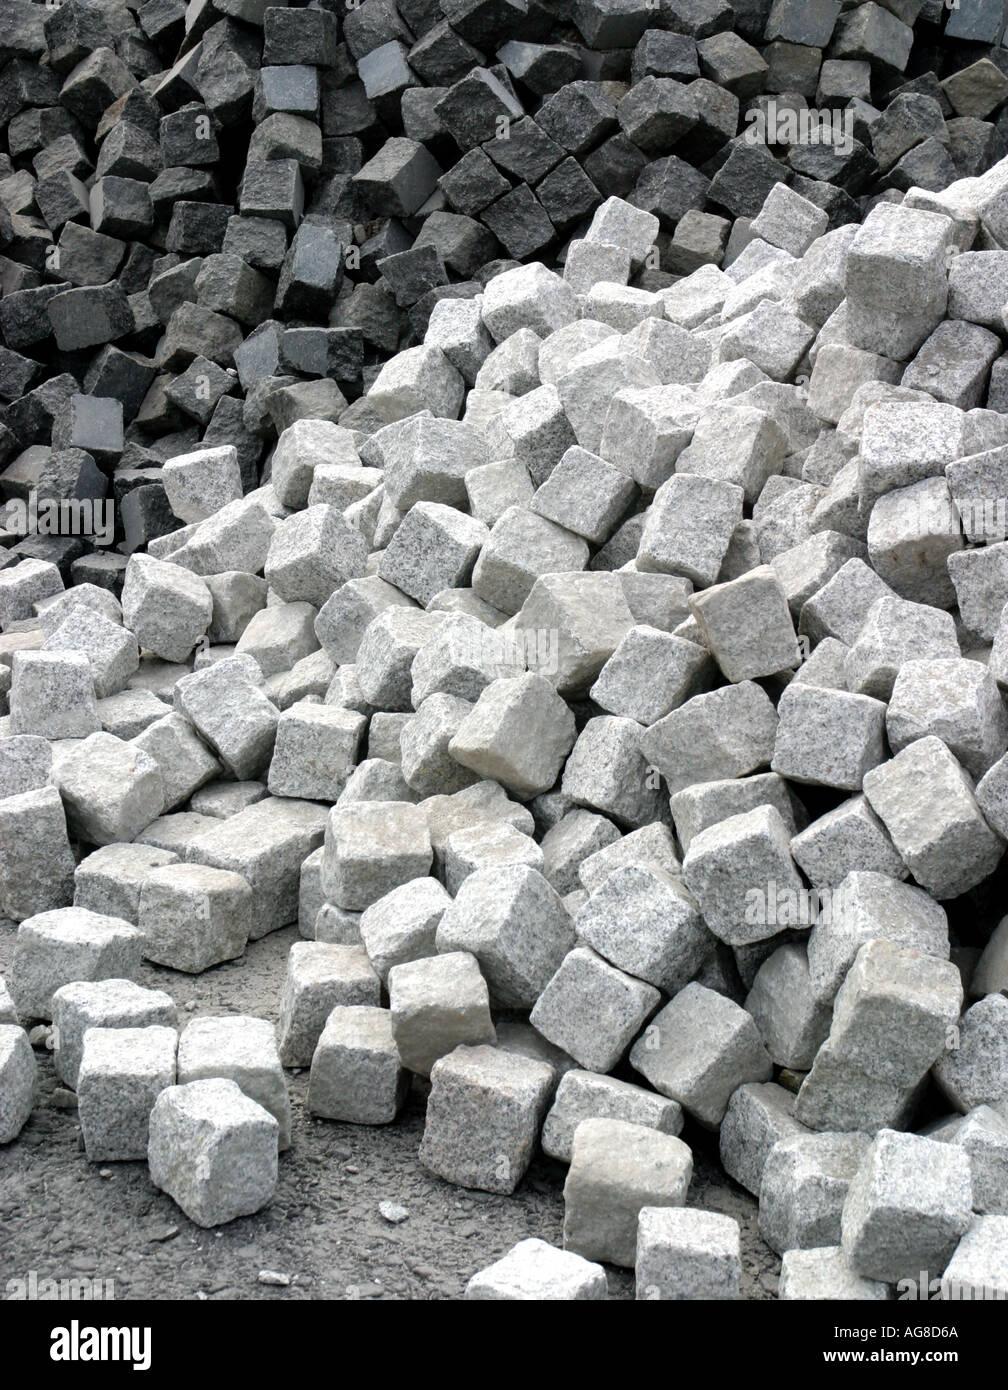 Stapel von weißen und schwarzen Kopfsteinpflaster Stockbild